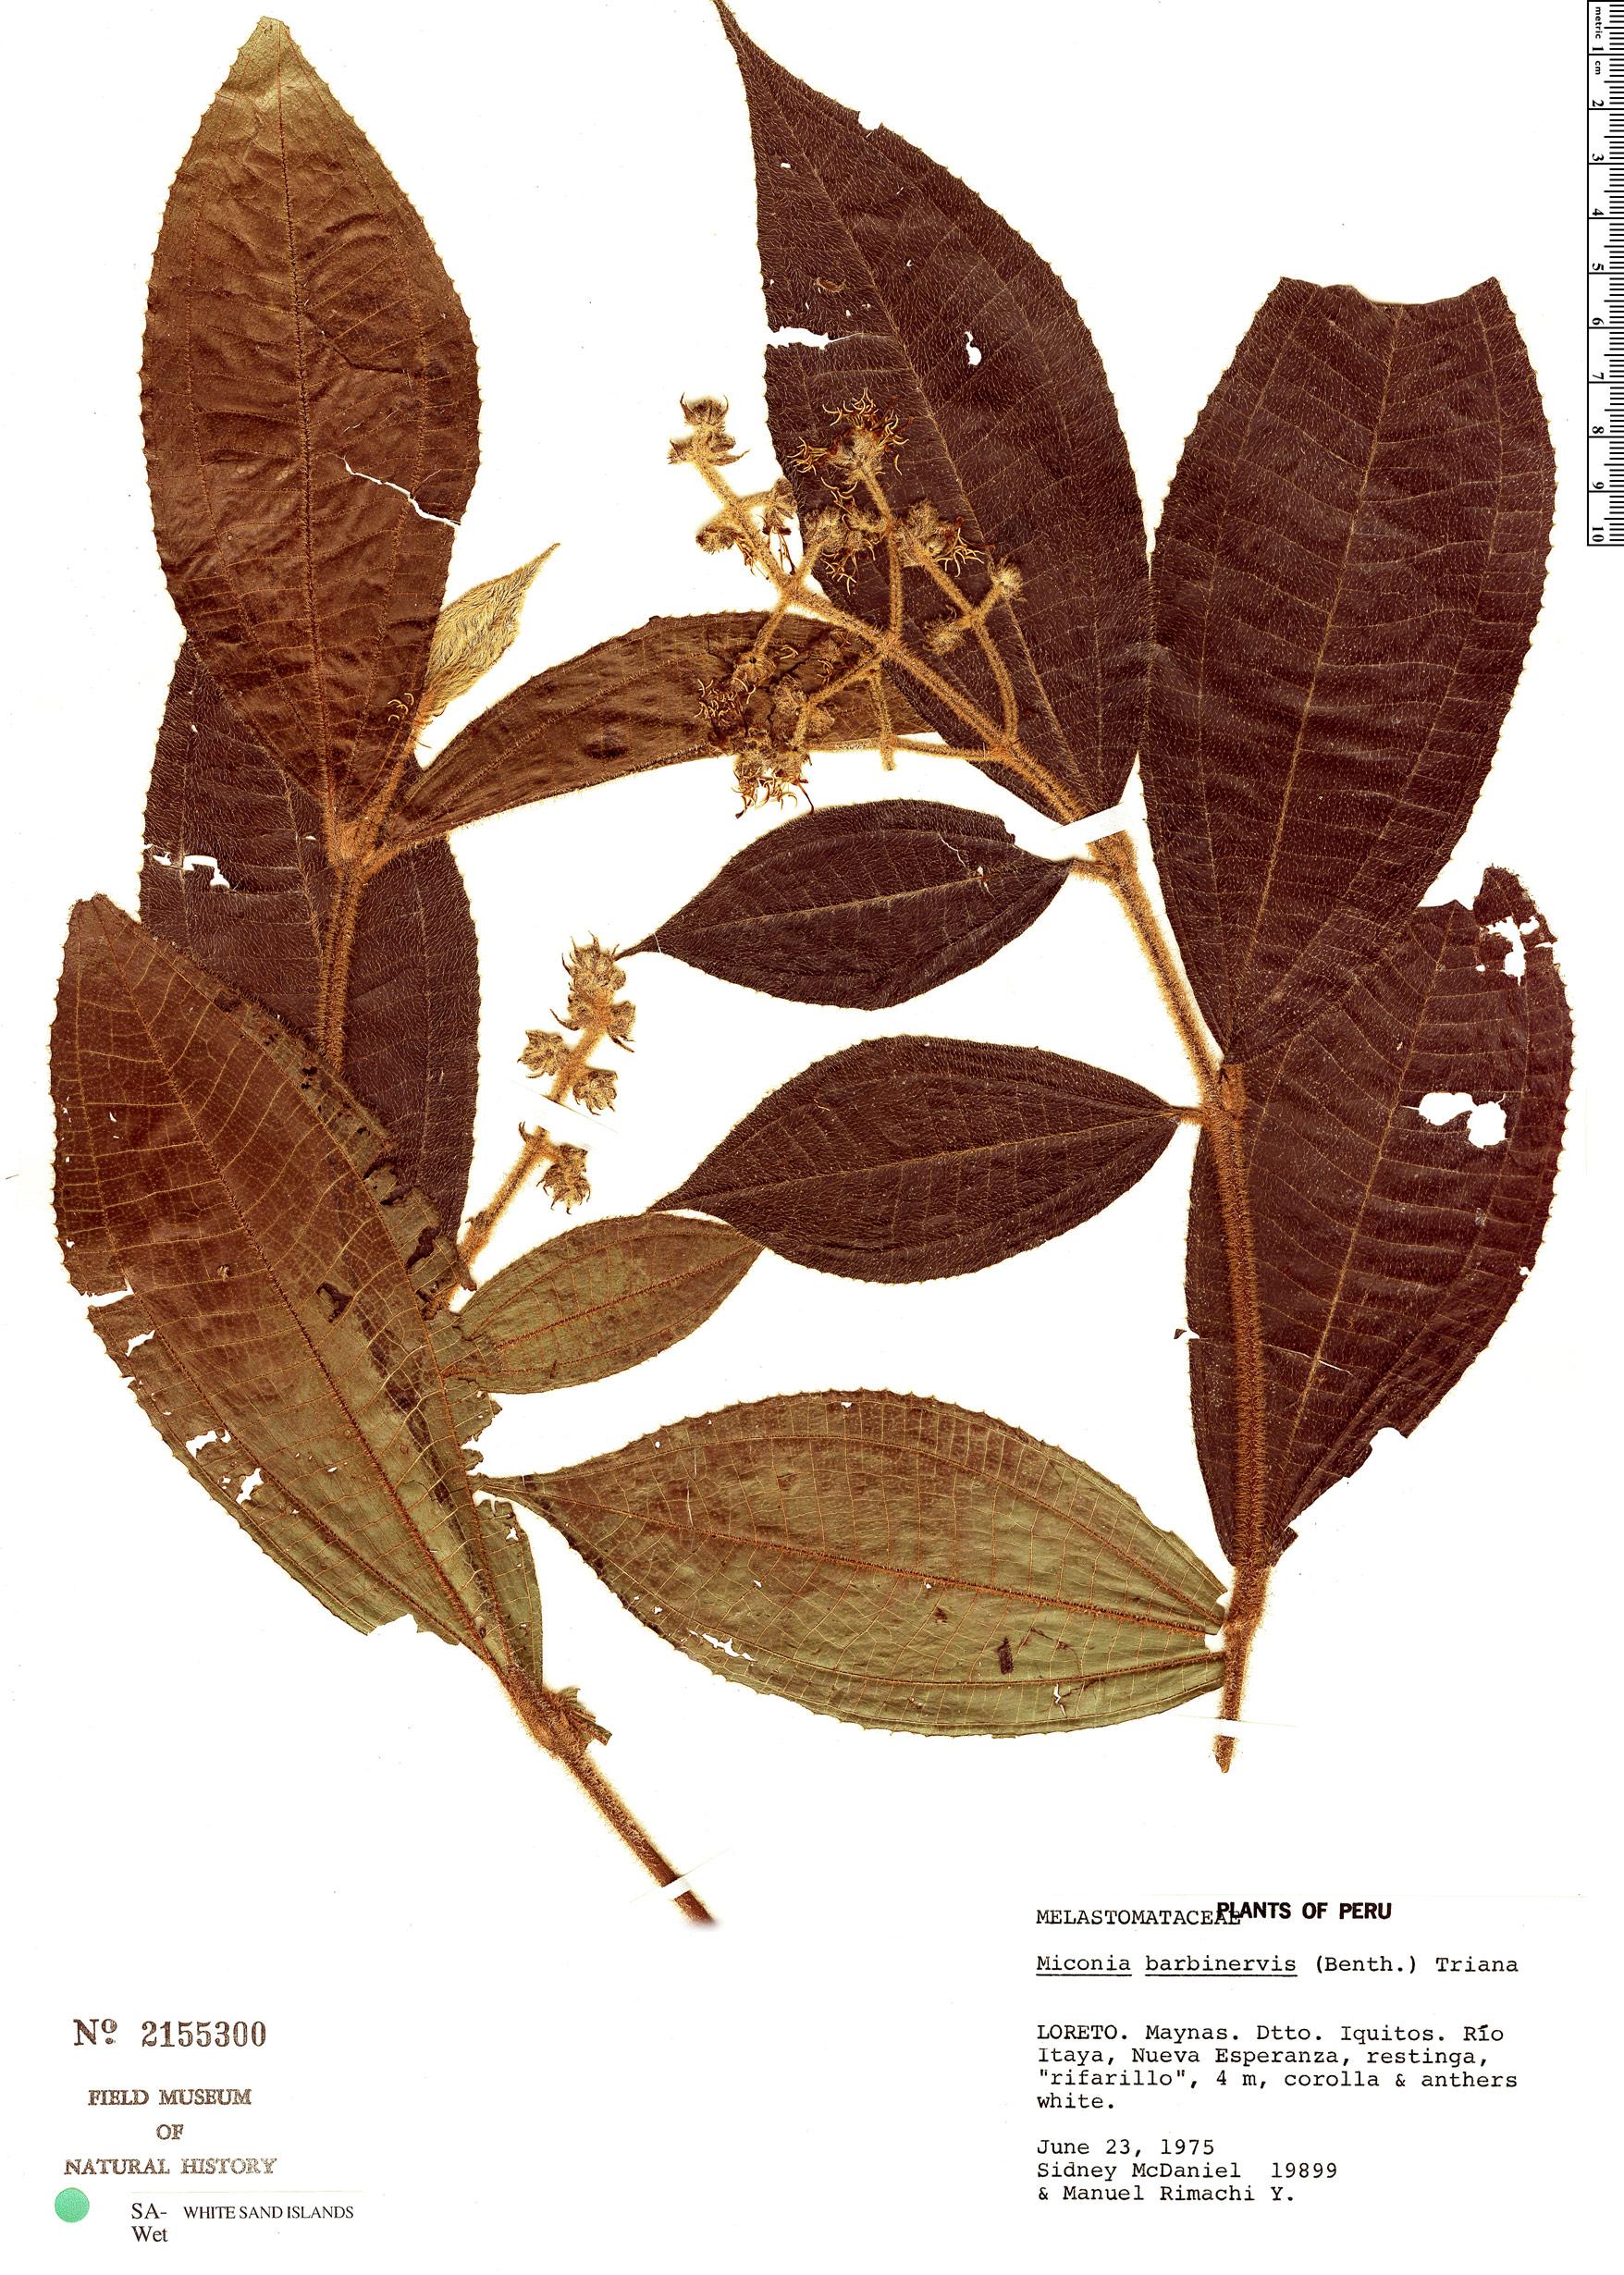 Specimen: Miconia barbinervis